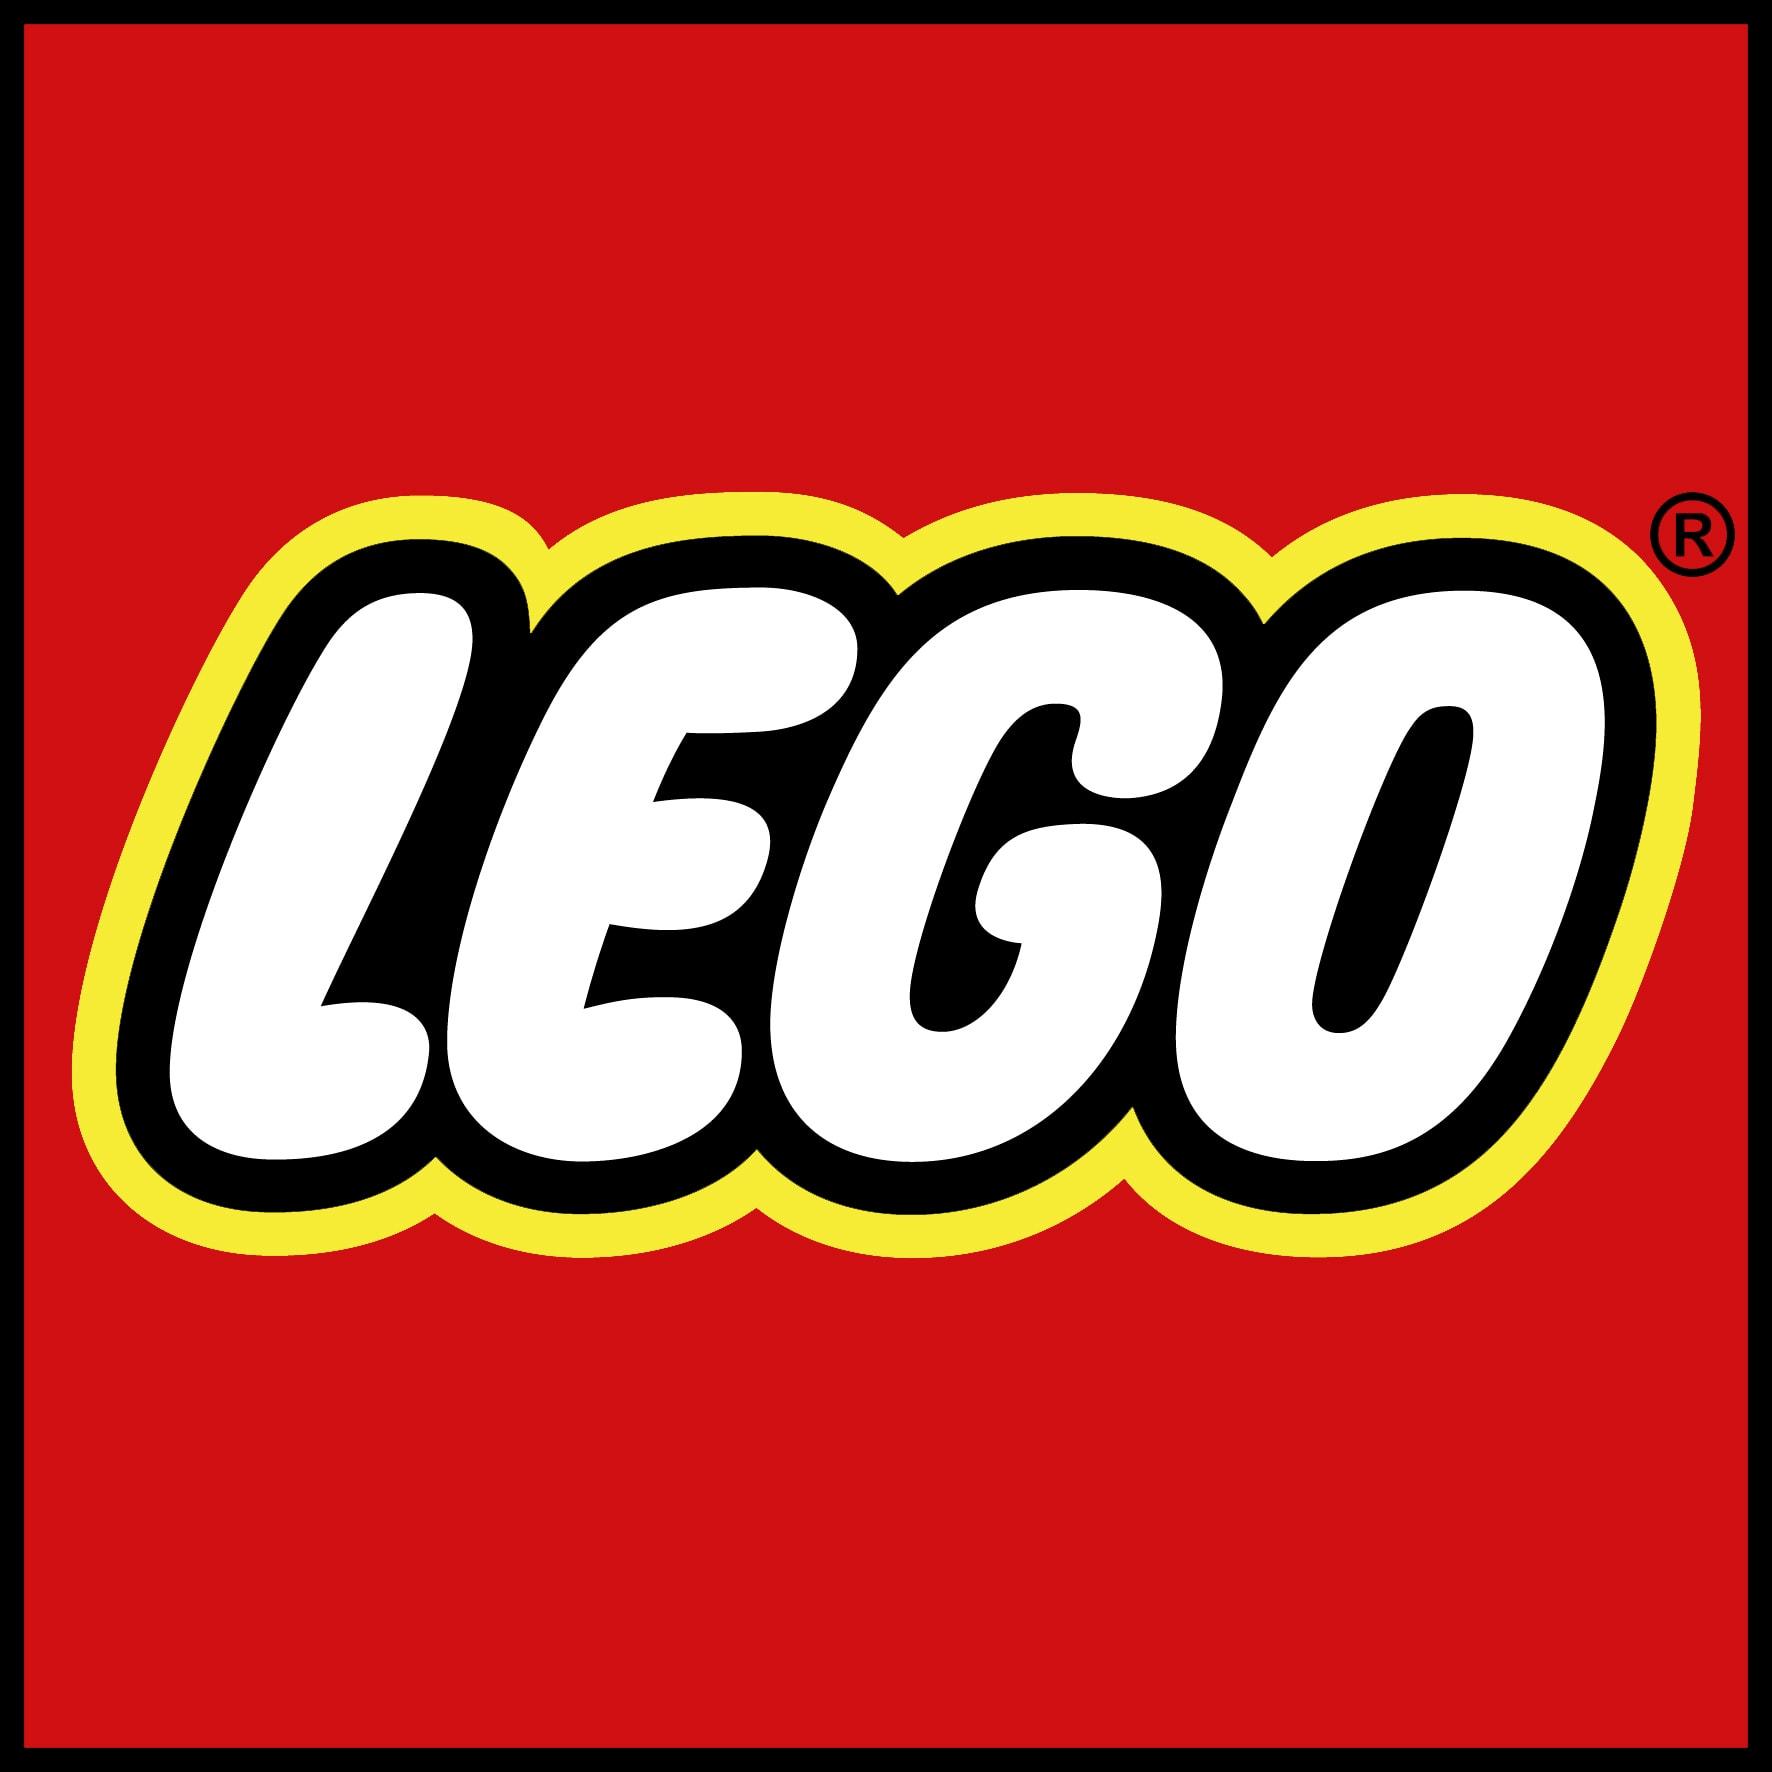 Significado del logo de Lego